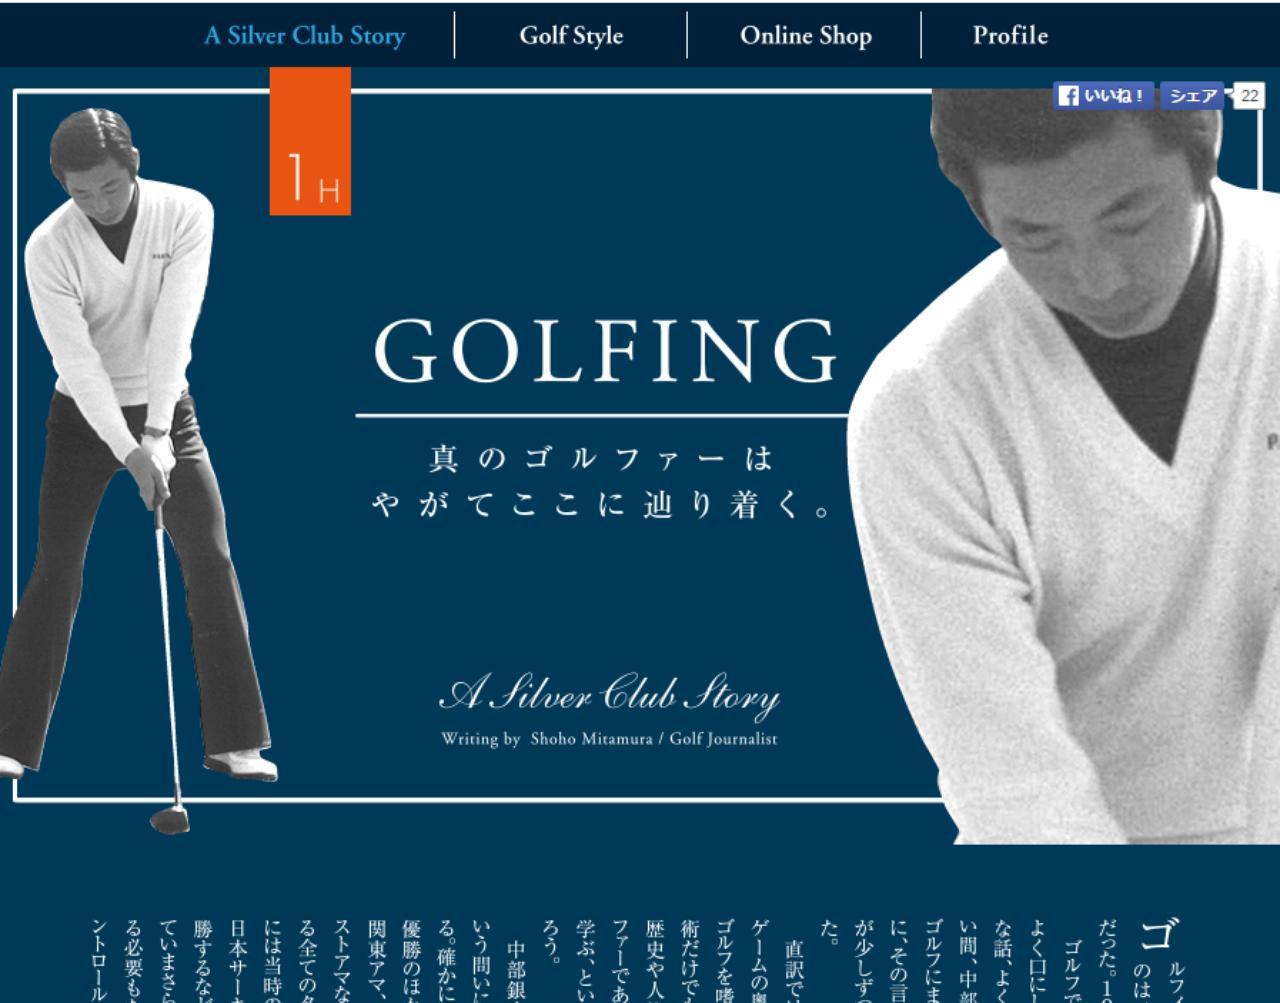 画像: www.shirt.co.jp